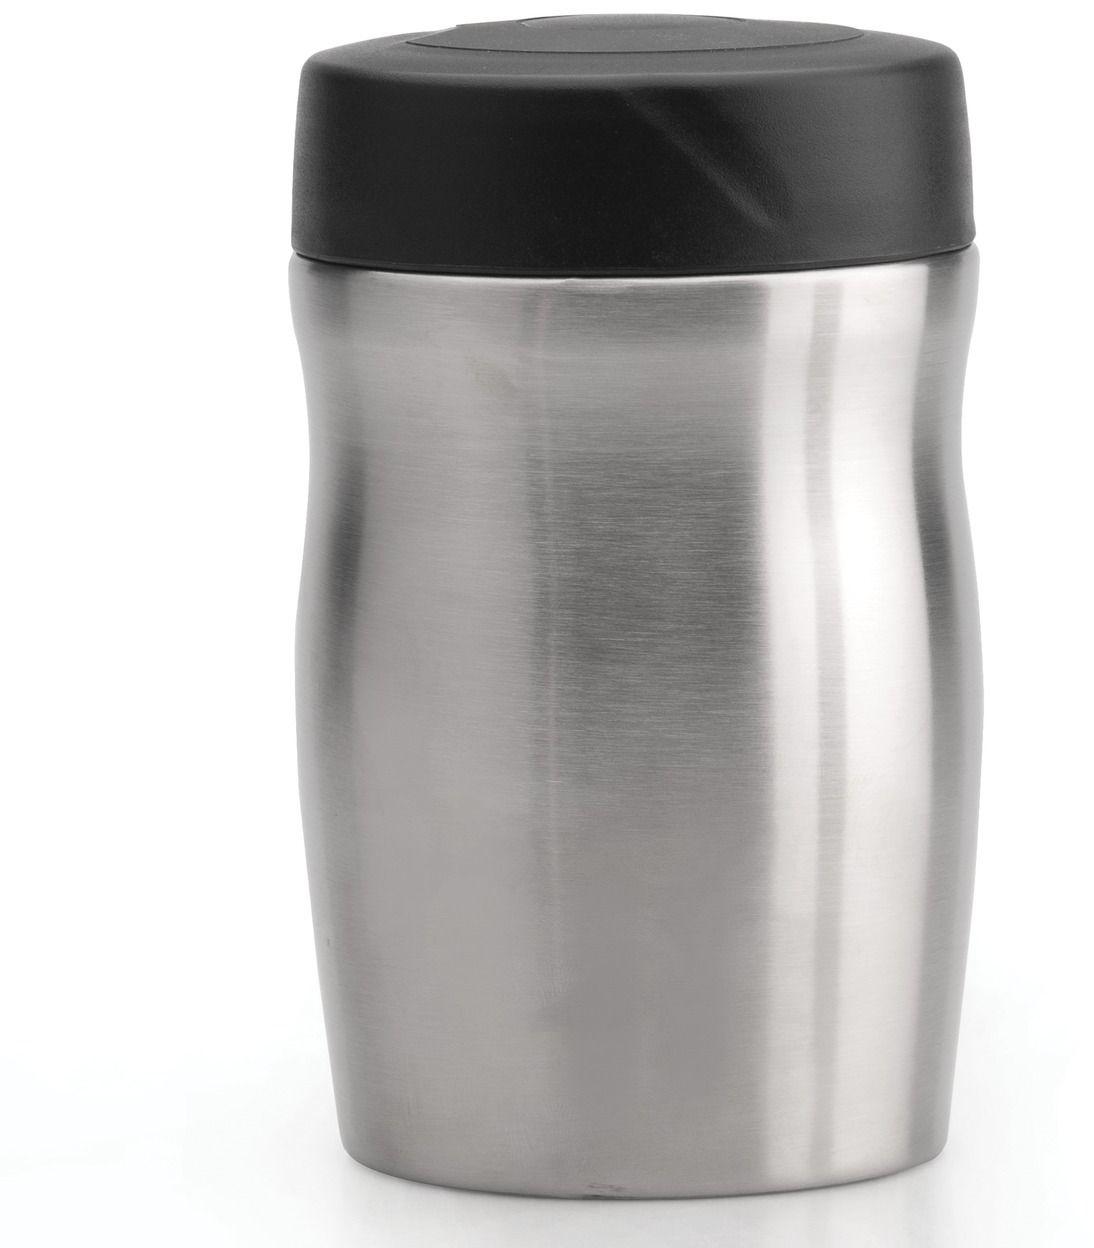 Пищевой контейнер BergHOFF Cook&Co, 500 мл2801710Сохраните свою еду горячей или холодной с этим пищевым контейнером BergHOFF Cook&Co.Двойные стенки из качественной стали обеспечивают сохранность нужной температуры. Плотнаякрышка защитит от протекания.